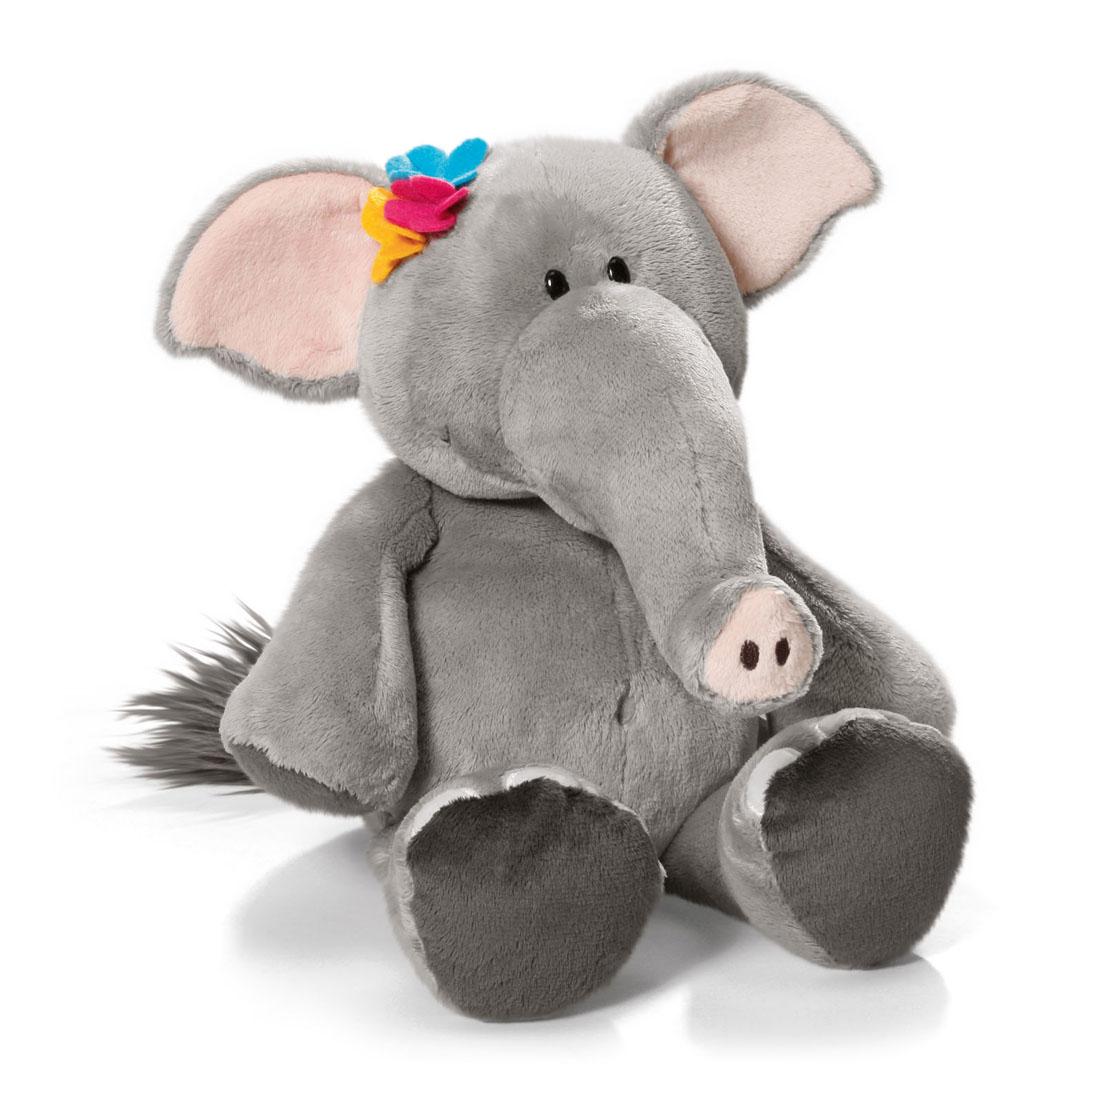 Мягкая игрушка Nici Слониха, сидячая, 35 см36606Симпатичная мягкая игрушка Слониха не оставит вас равнодушным и вызовет улыбку у каждого, кто ее увидит. Удивительно мягкая игрушка изготовлена из высококачественного текстильного материала серого и розового цветов с набивкой из синтепона и пластиковых гранул. Глазки у слонихи пластиковые, голова украшена разноцветными цветочками. Игрушку легко можно посадить на ровную поверхность. Оригинальный стиль и великолепное качество исполнения делают эту игрушку чудесным подарком к любому празднику. Немецкая компания Nici является одним из лидеров на Европейском рынке мягких игрушек и подарков. Продукцию компании можно встретить везде: это и значок на школьном рюкзаке, и магнит на холодильнике, и поздравительная открытка, и мягкая игрушка, и автомобильный талисман. Игрушки Nici - это товары высочайшего качества и инновационного дизайна. Для создания всего одной игрушки работает большое количество людей и используется самое современное оборудование и технологии. И...